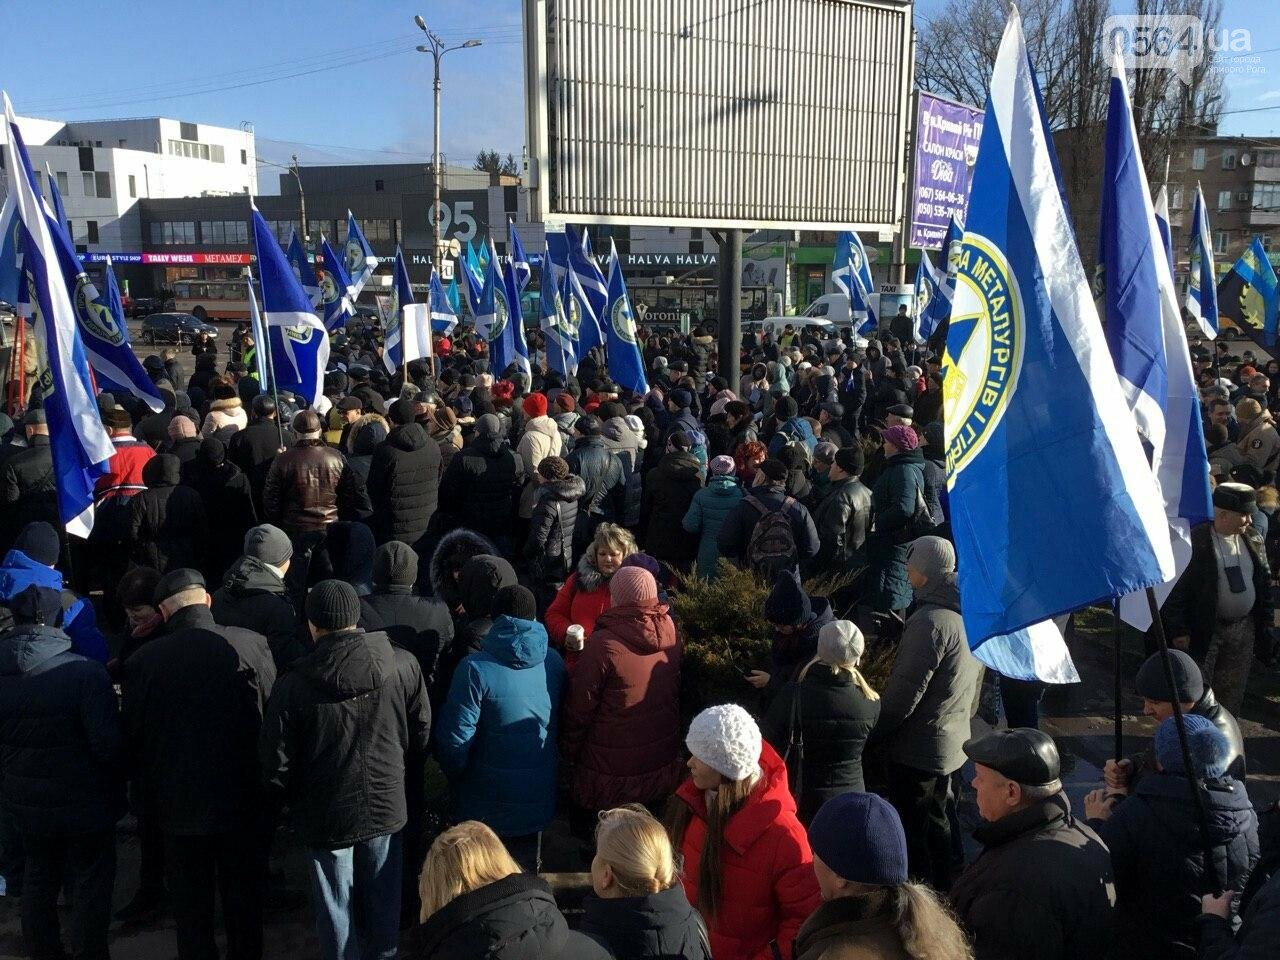 В Кривом Роге протестуют против принятия Радой нового трудового законодательства, - ФОТО, ВИДЕО, фото-9